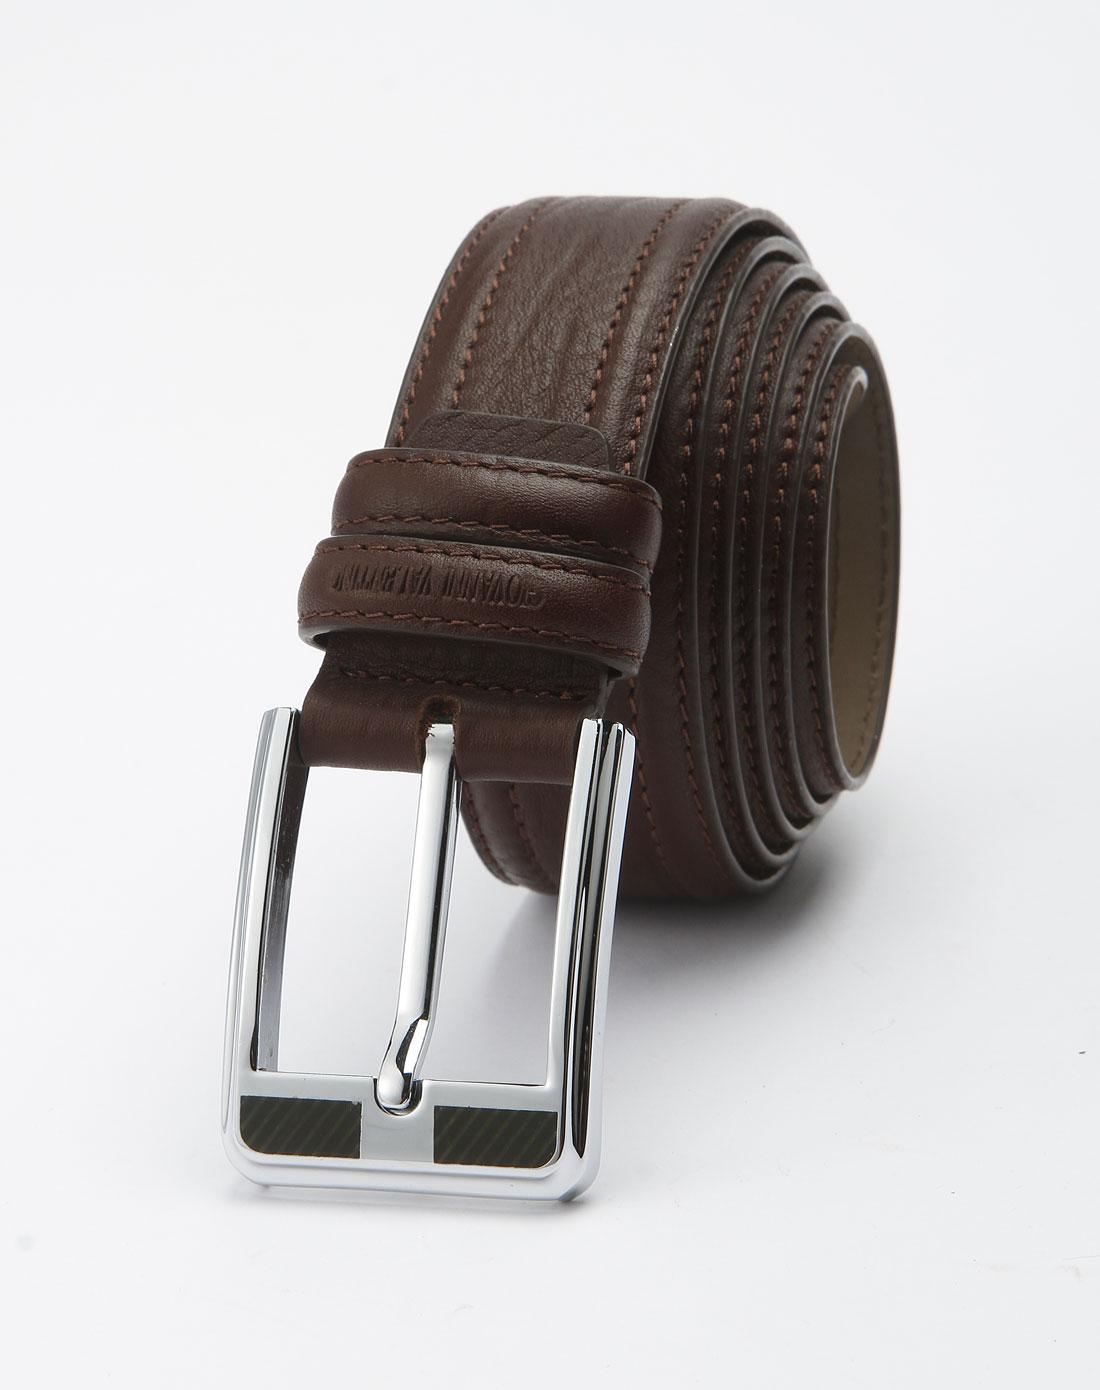 卓凡尼-华伦天奴-箱包男士啡色时尚皮带